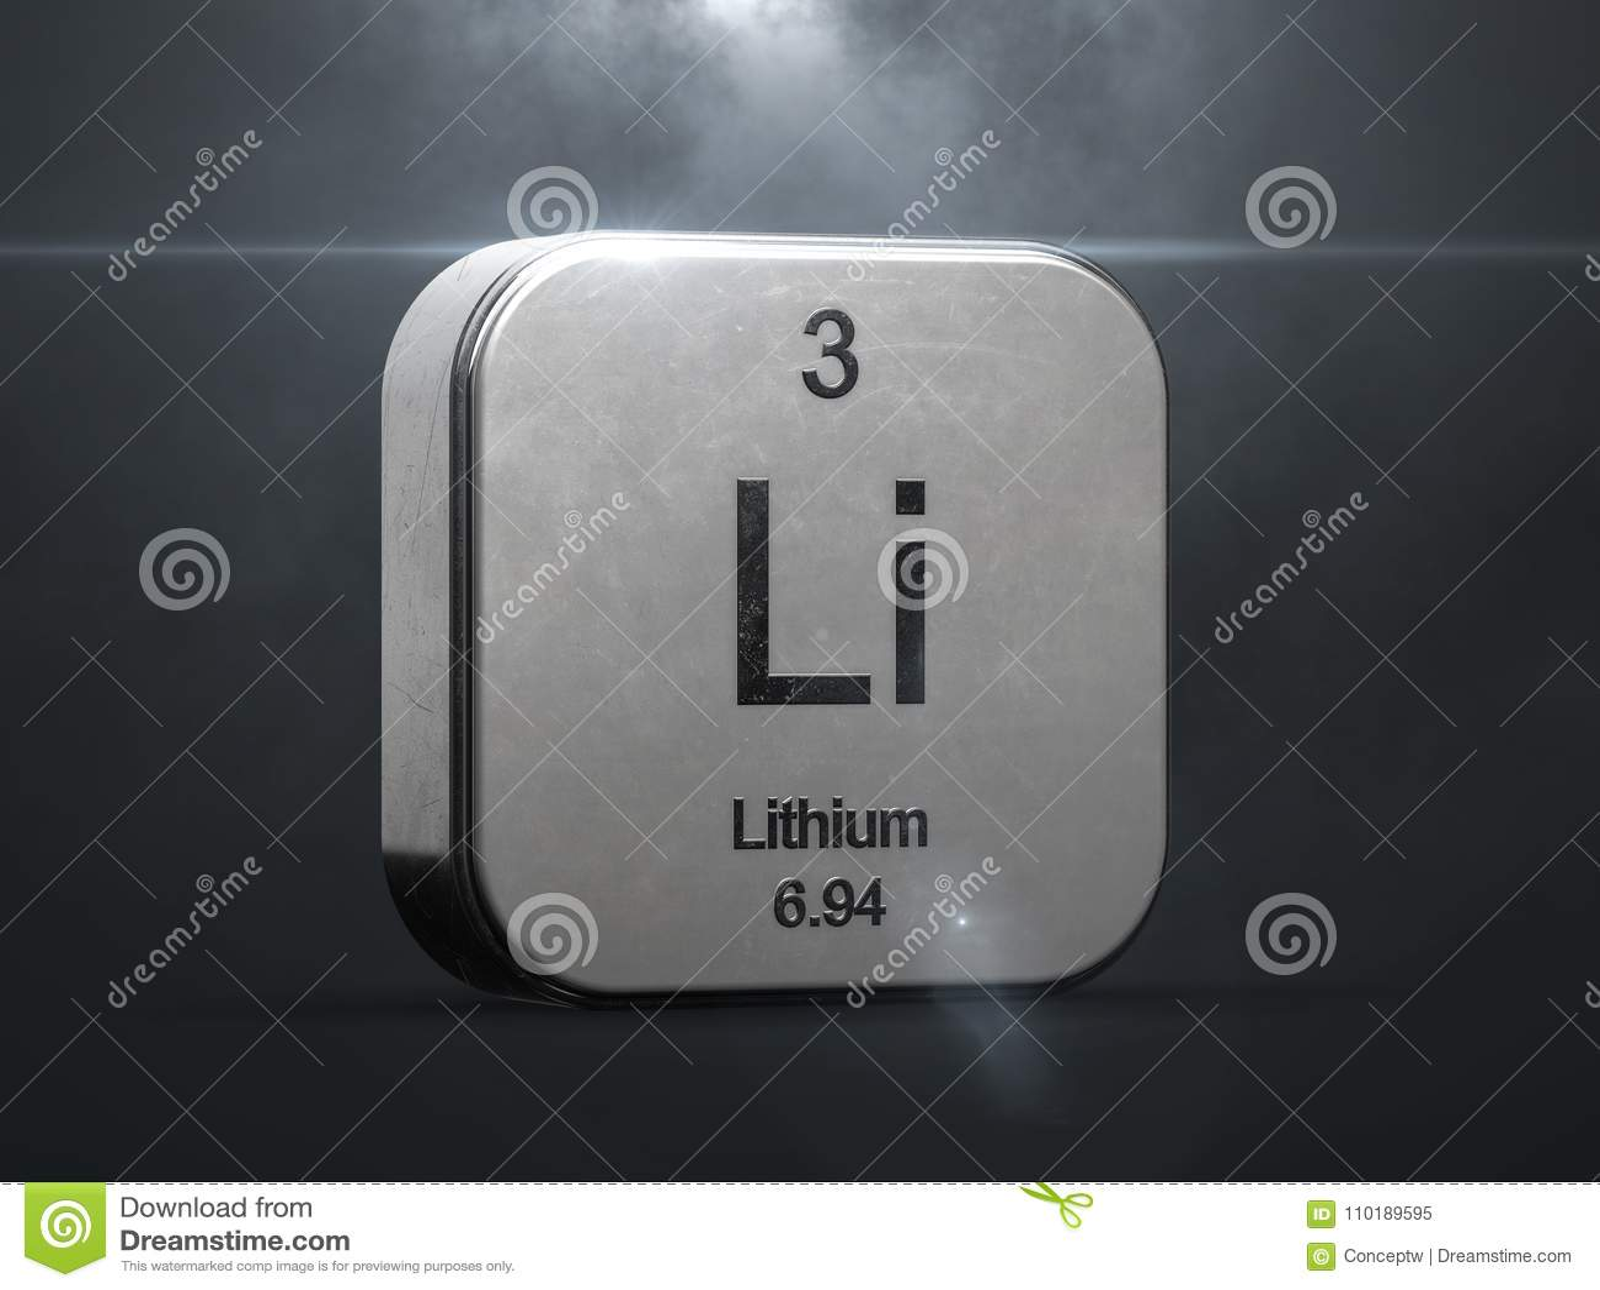 Elemento del litio de la tabla peridica stock de ilustracin download elemento del litio de la tabla peridica stock de ilustracin ilustracin de icono urtaz Choice Image